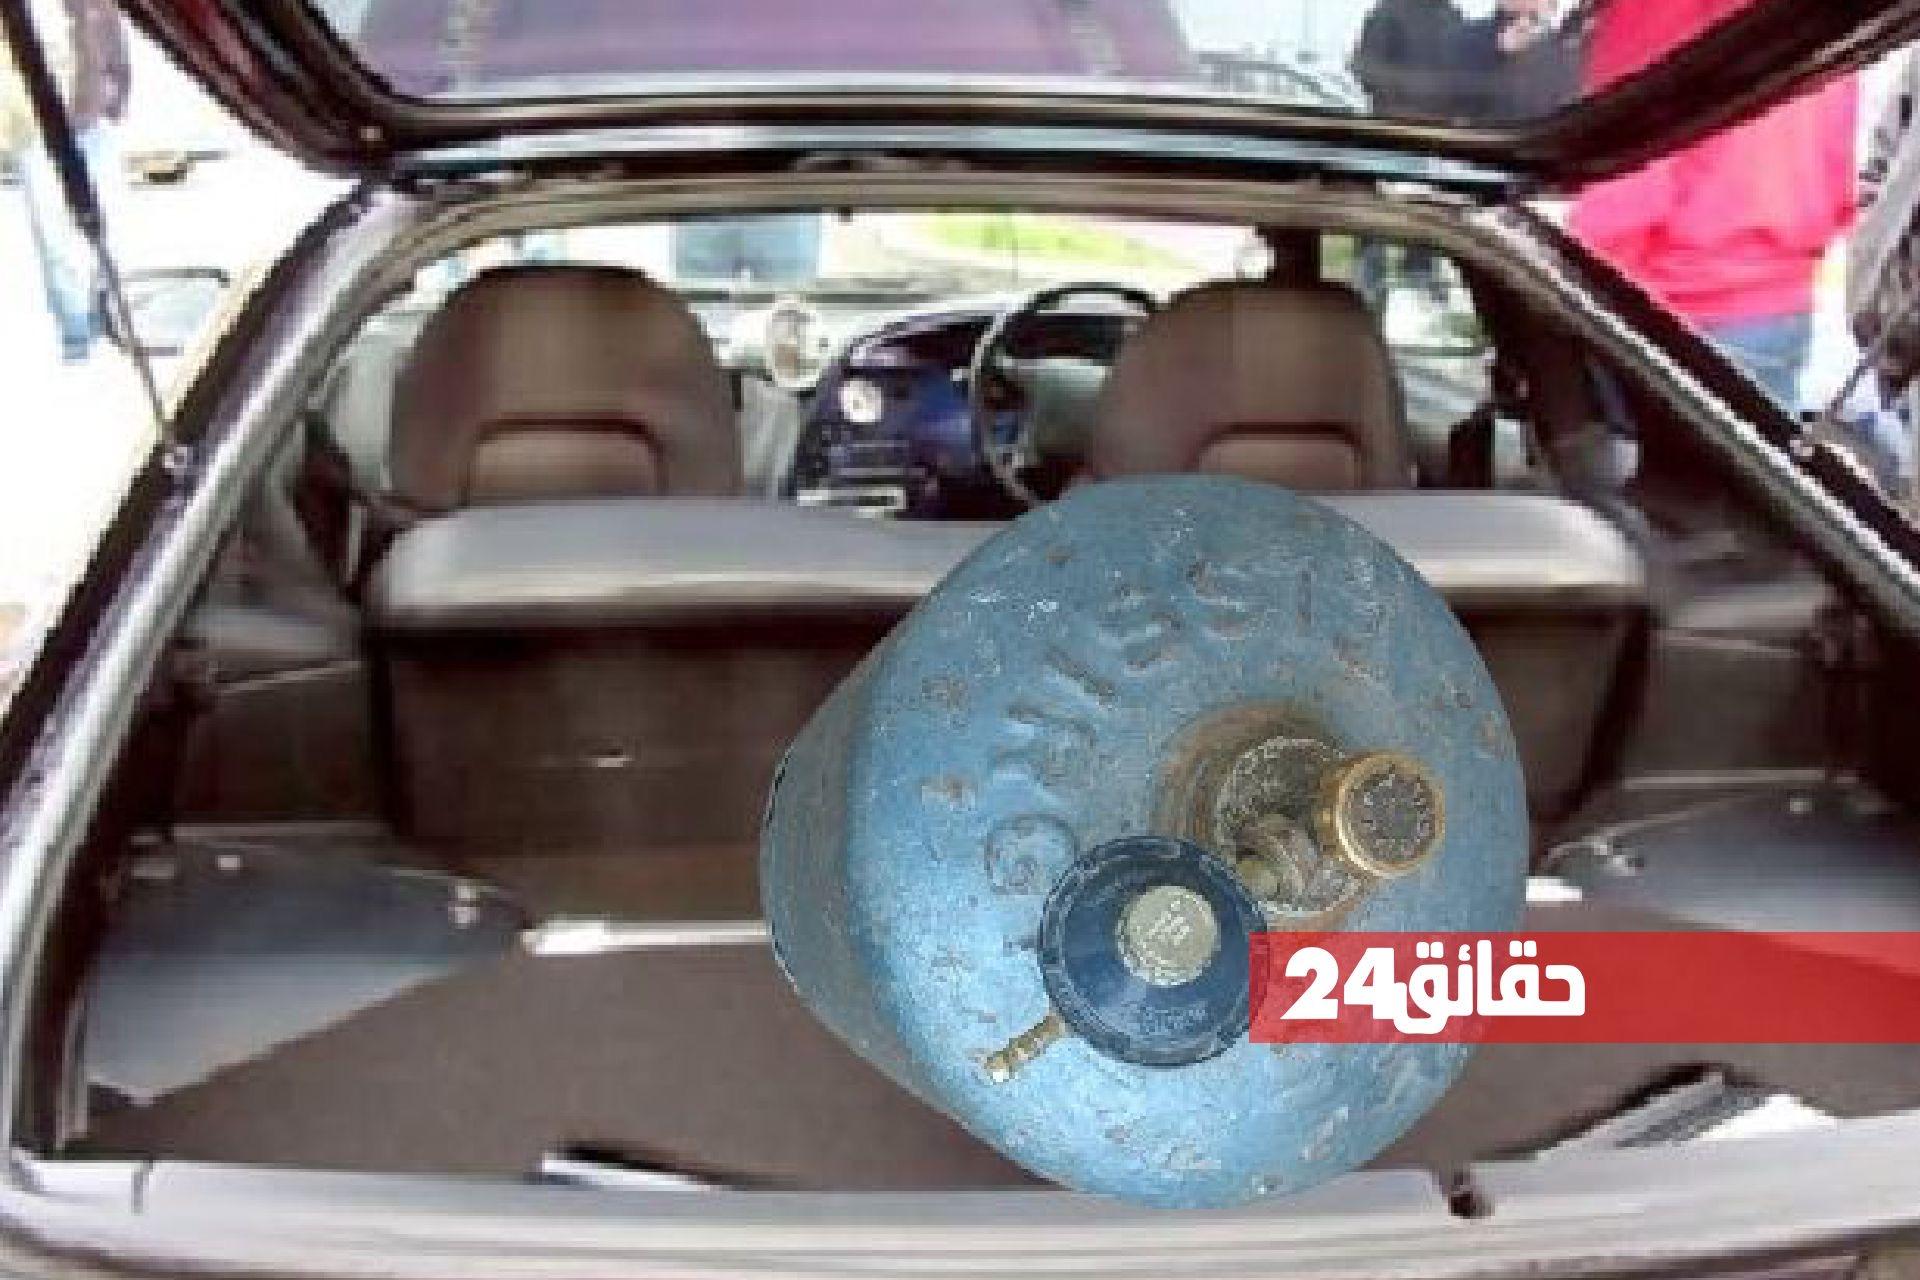 صورة أكادير .. سيارات النقل السري قنابل متنقلة تجوب شوارع حي تدارت أنزا أمام أعين السلطات الأمنية